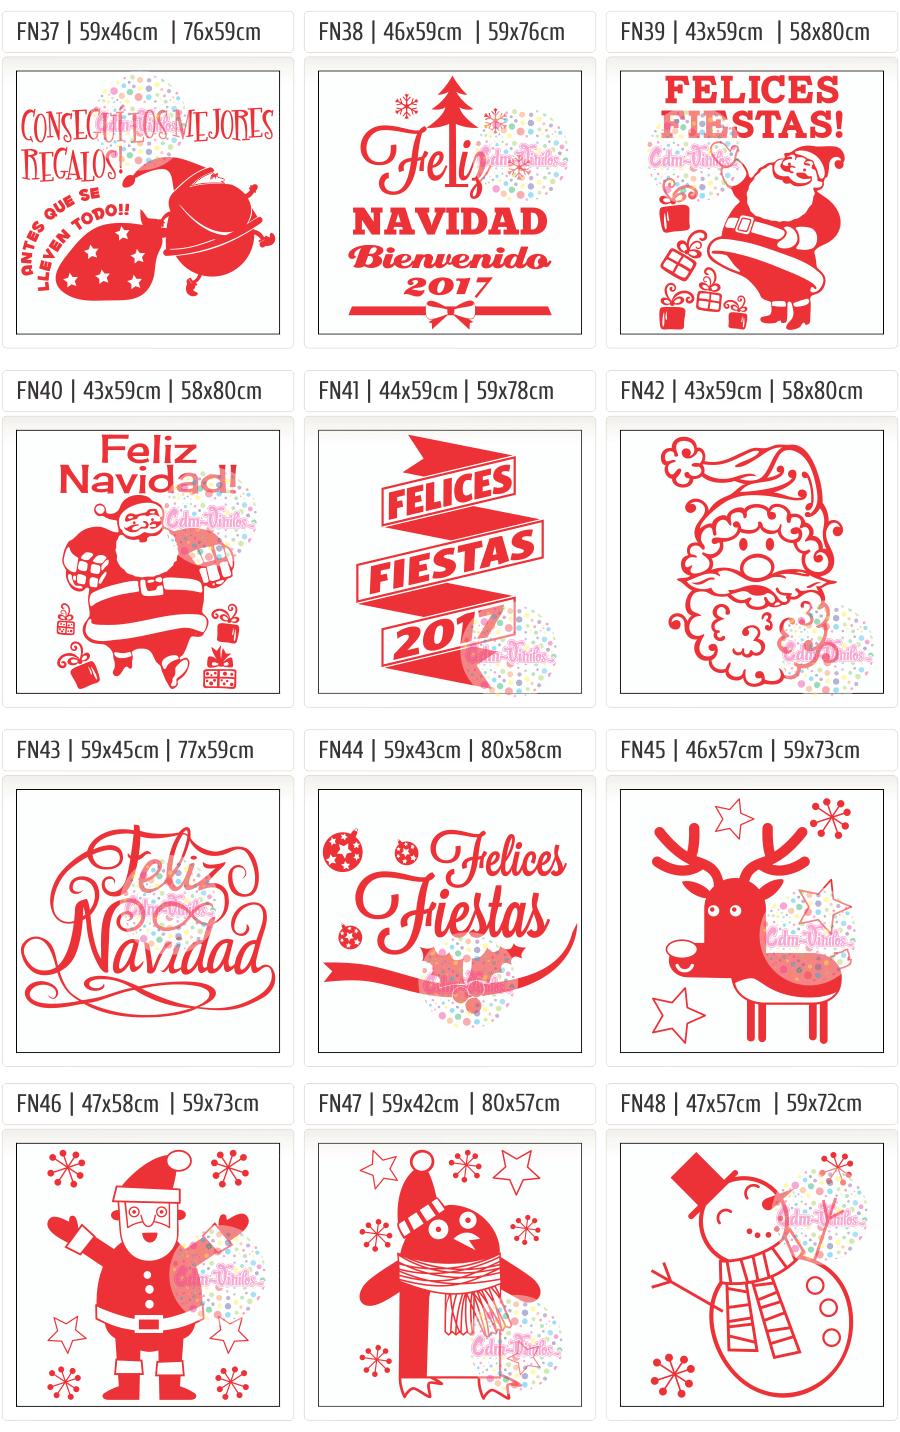 Vinilo para vidrieras, vidrieras navideñas, vinilos navidad, Año Nuevo 2017, carteles, negocios, ploteos, vinilos locales